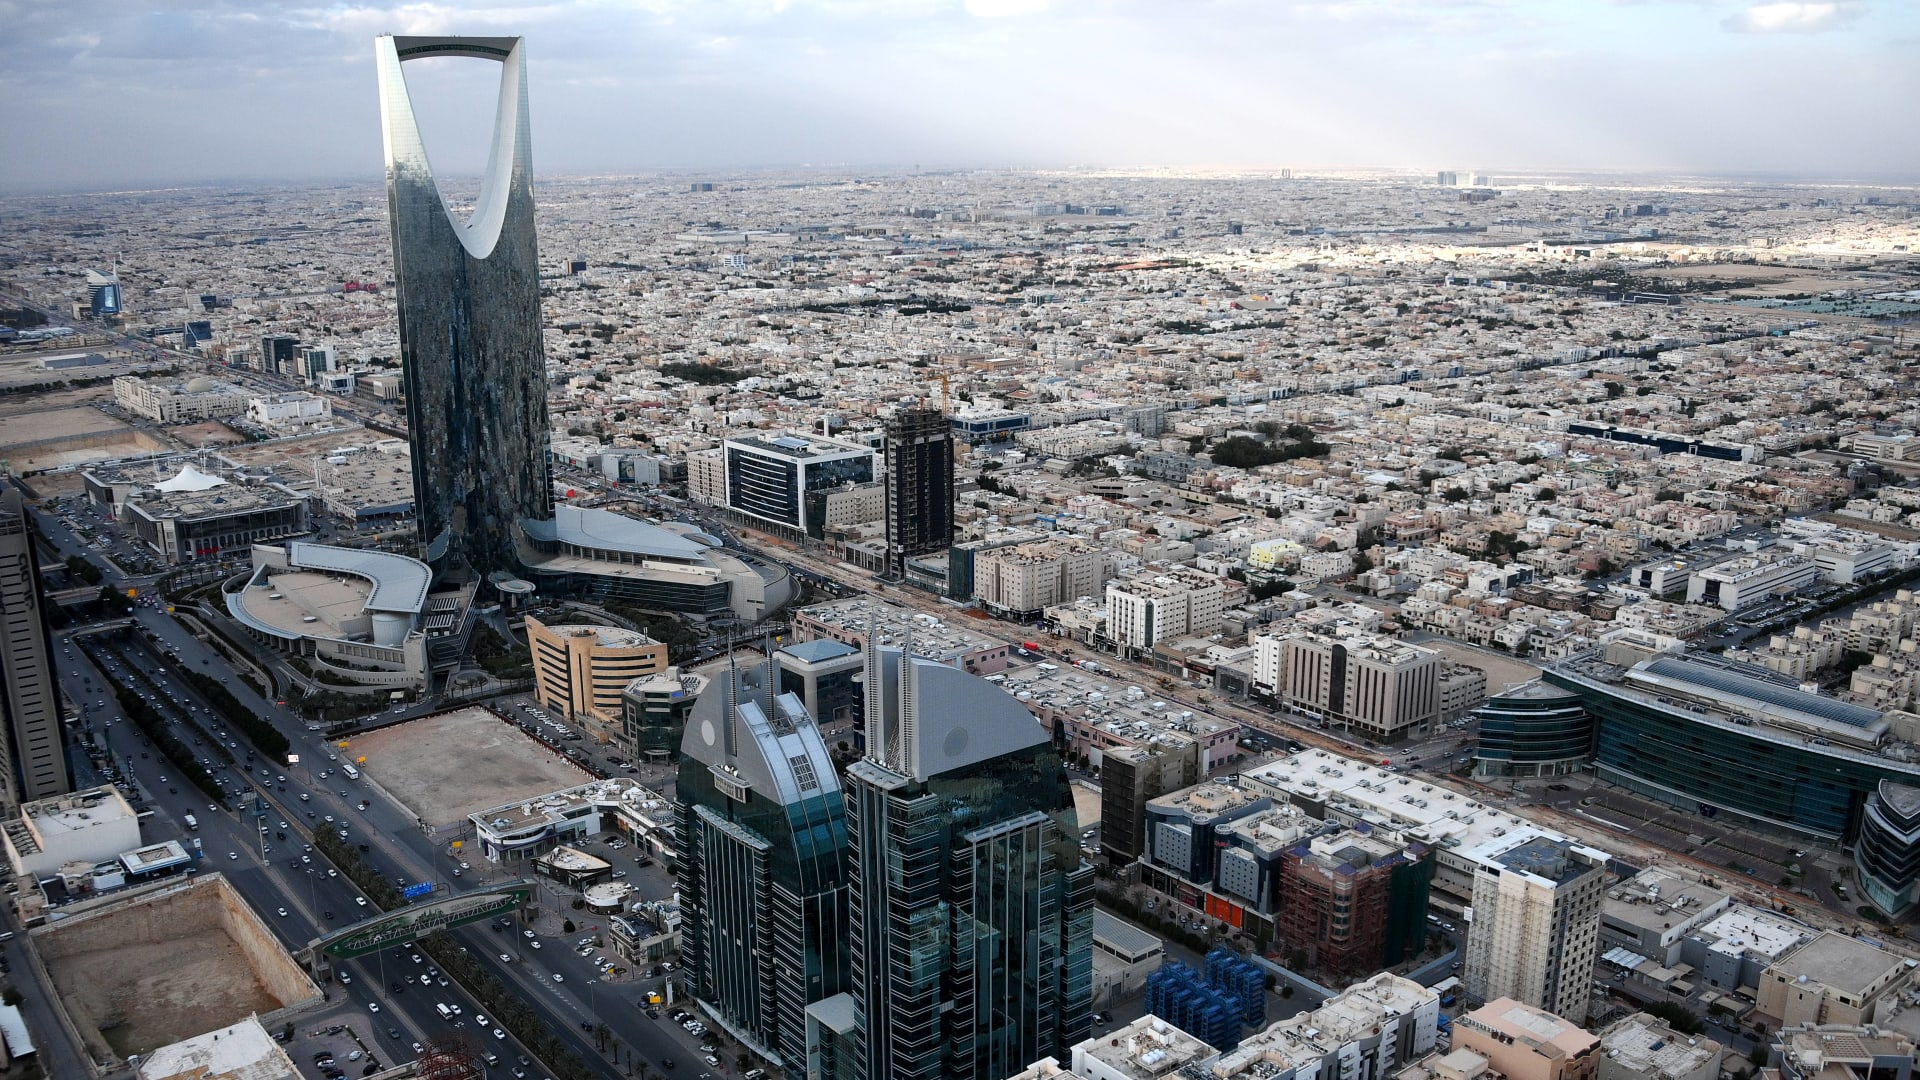 صورة ارشيفية عامة من العاصمة السعودية، الرياض